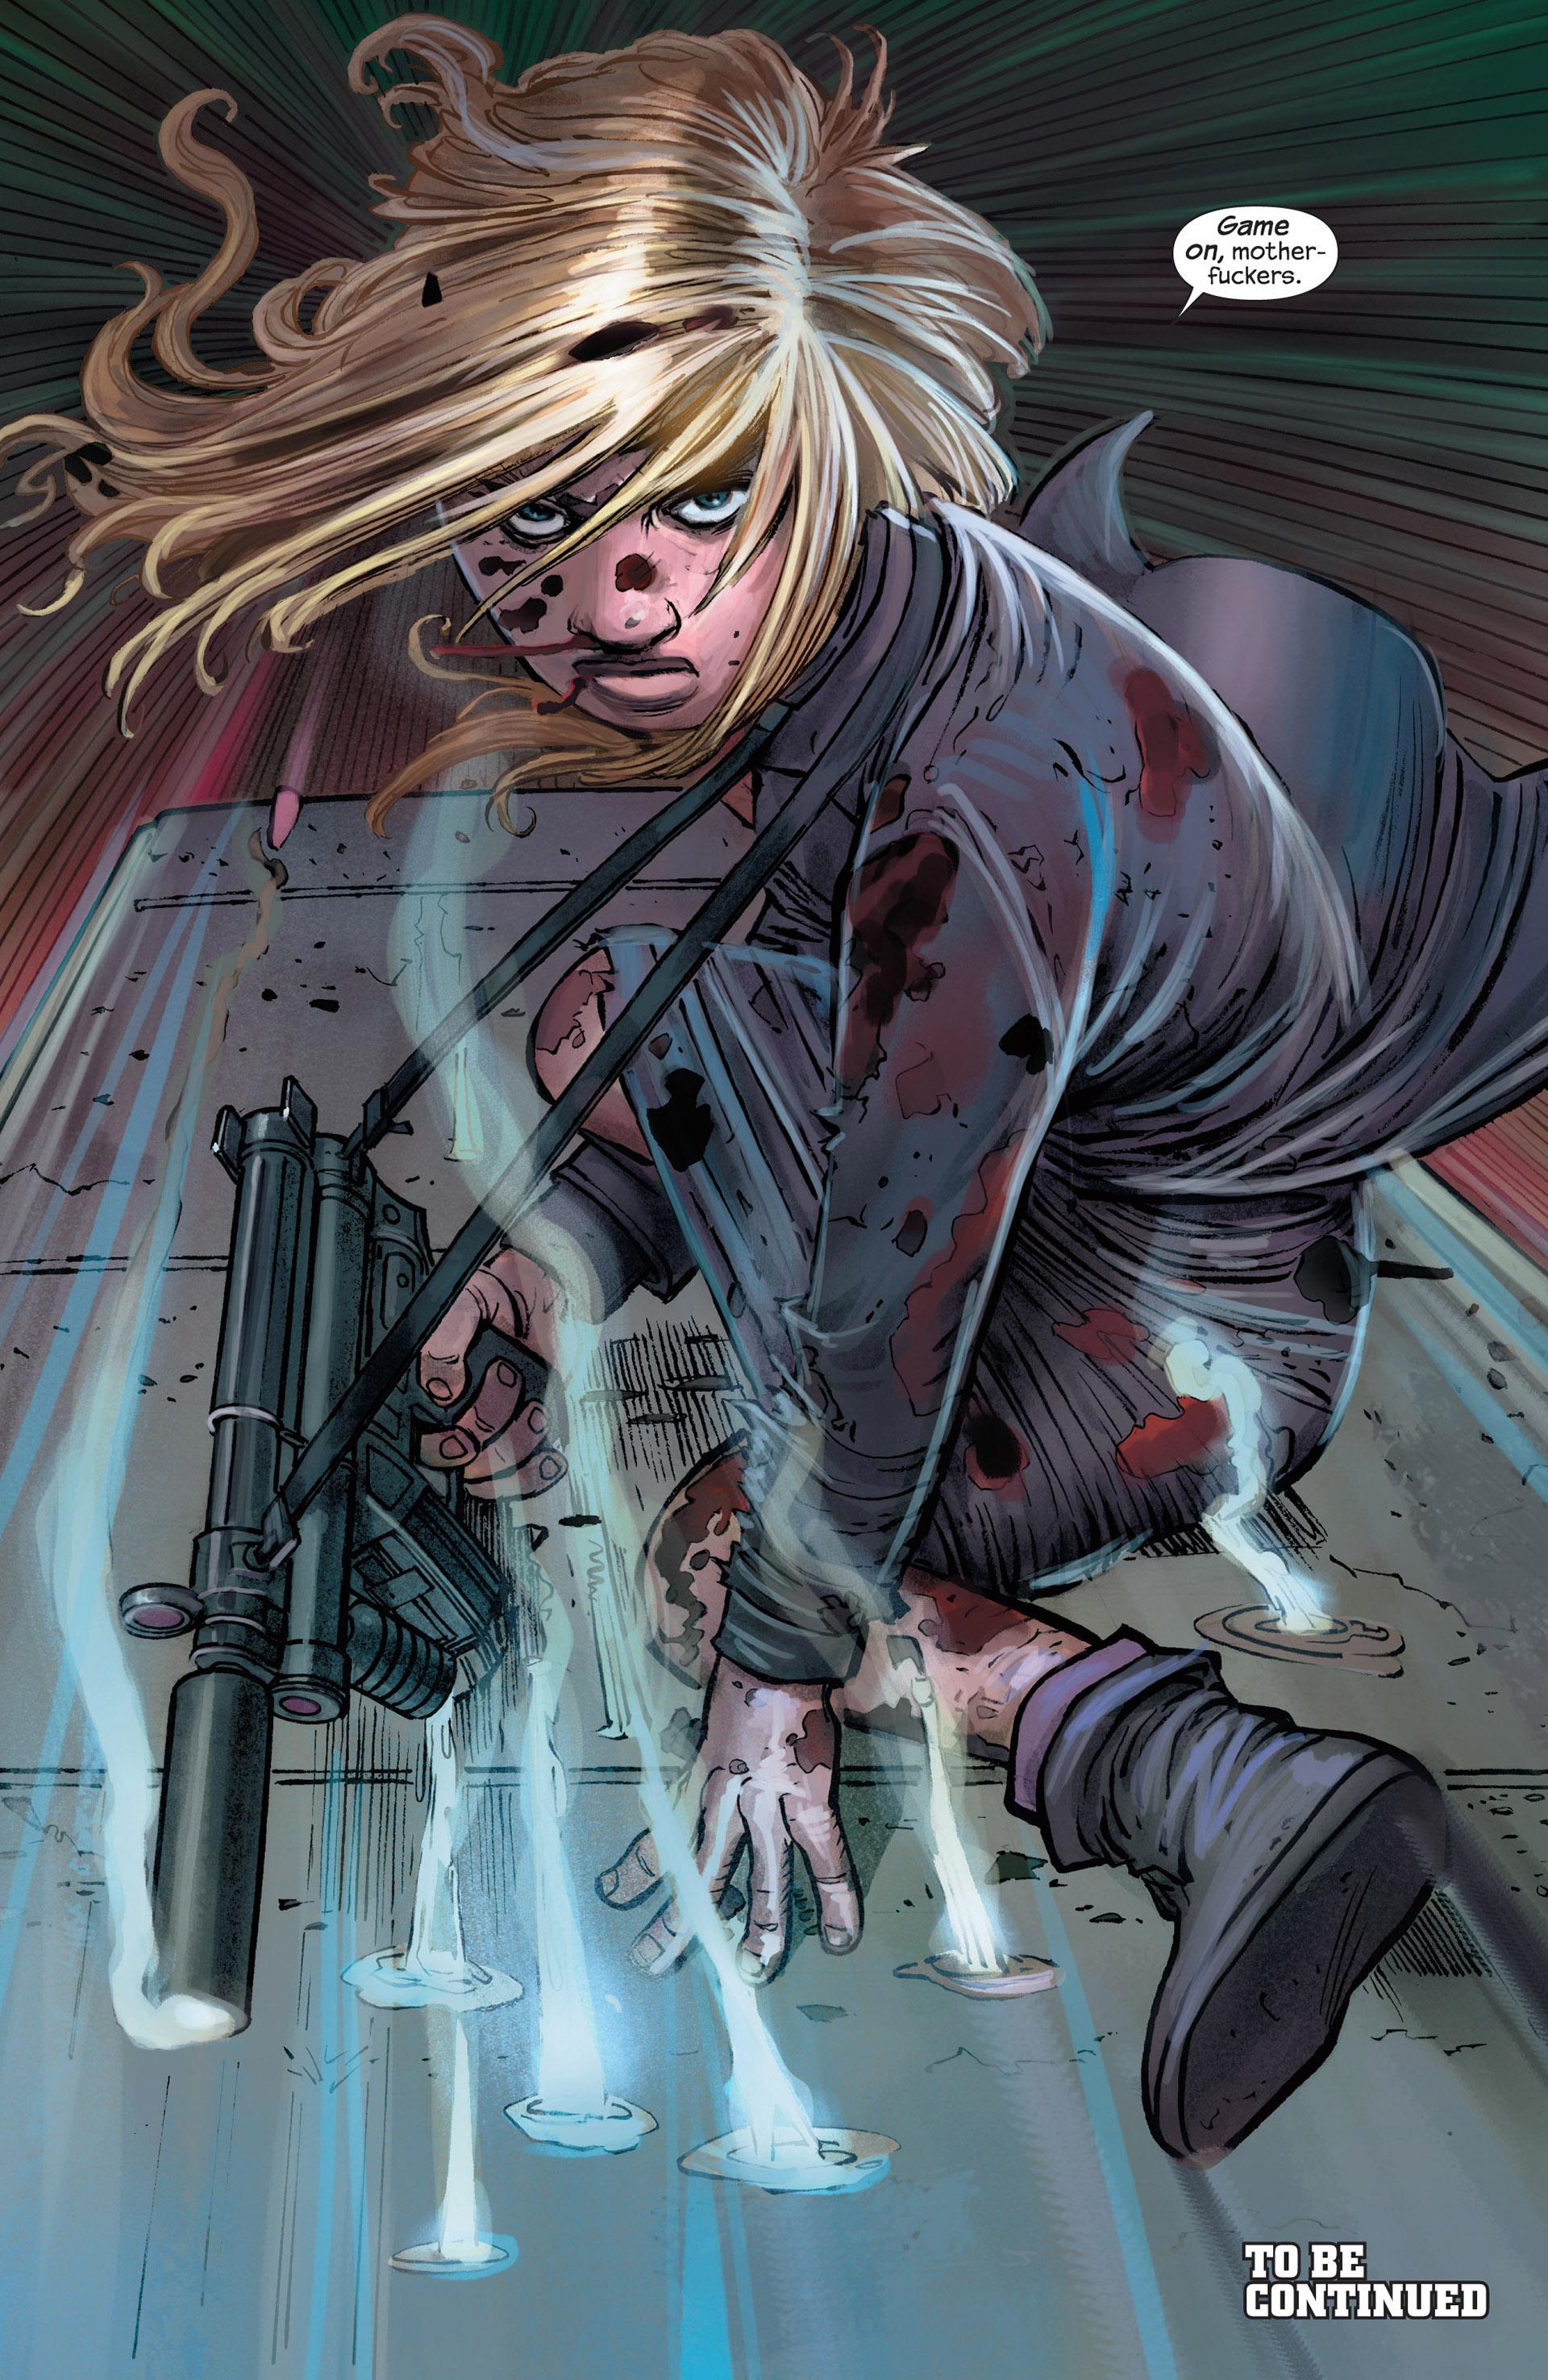 Kick Ass 3 Issue 2   Read Kick Ass 3 Issue 2 comic online